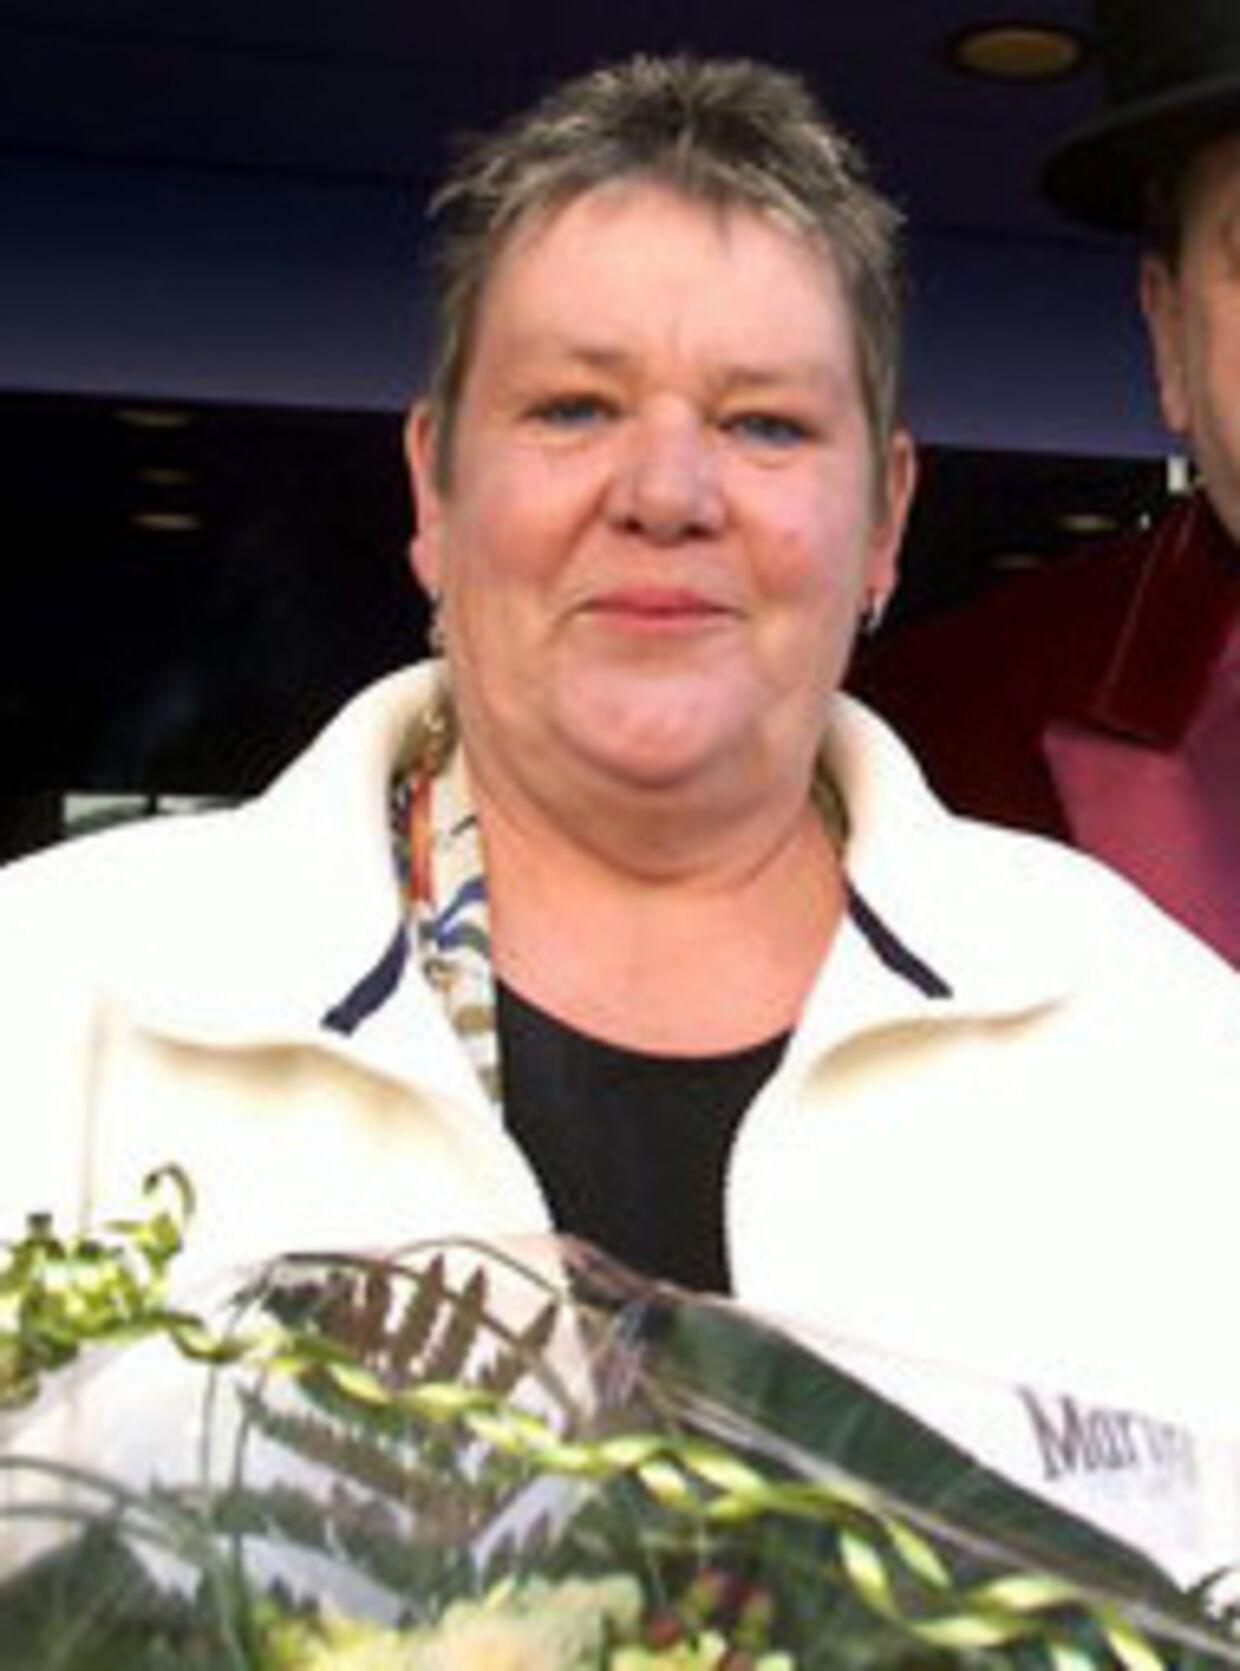 Lone Kellermann døde natten til lørdag. Foto: Bent Midstrup